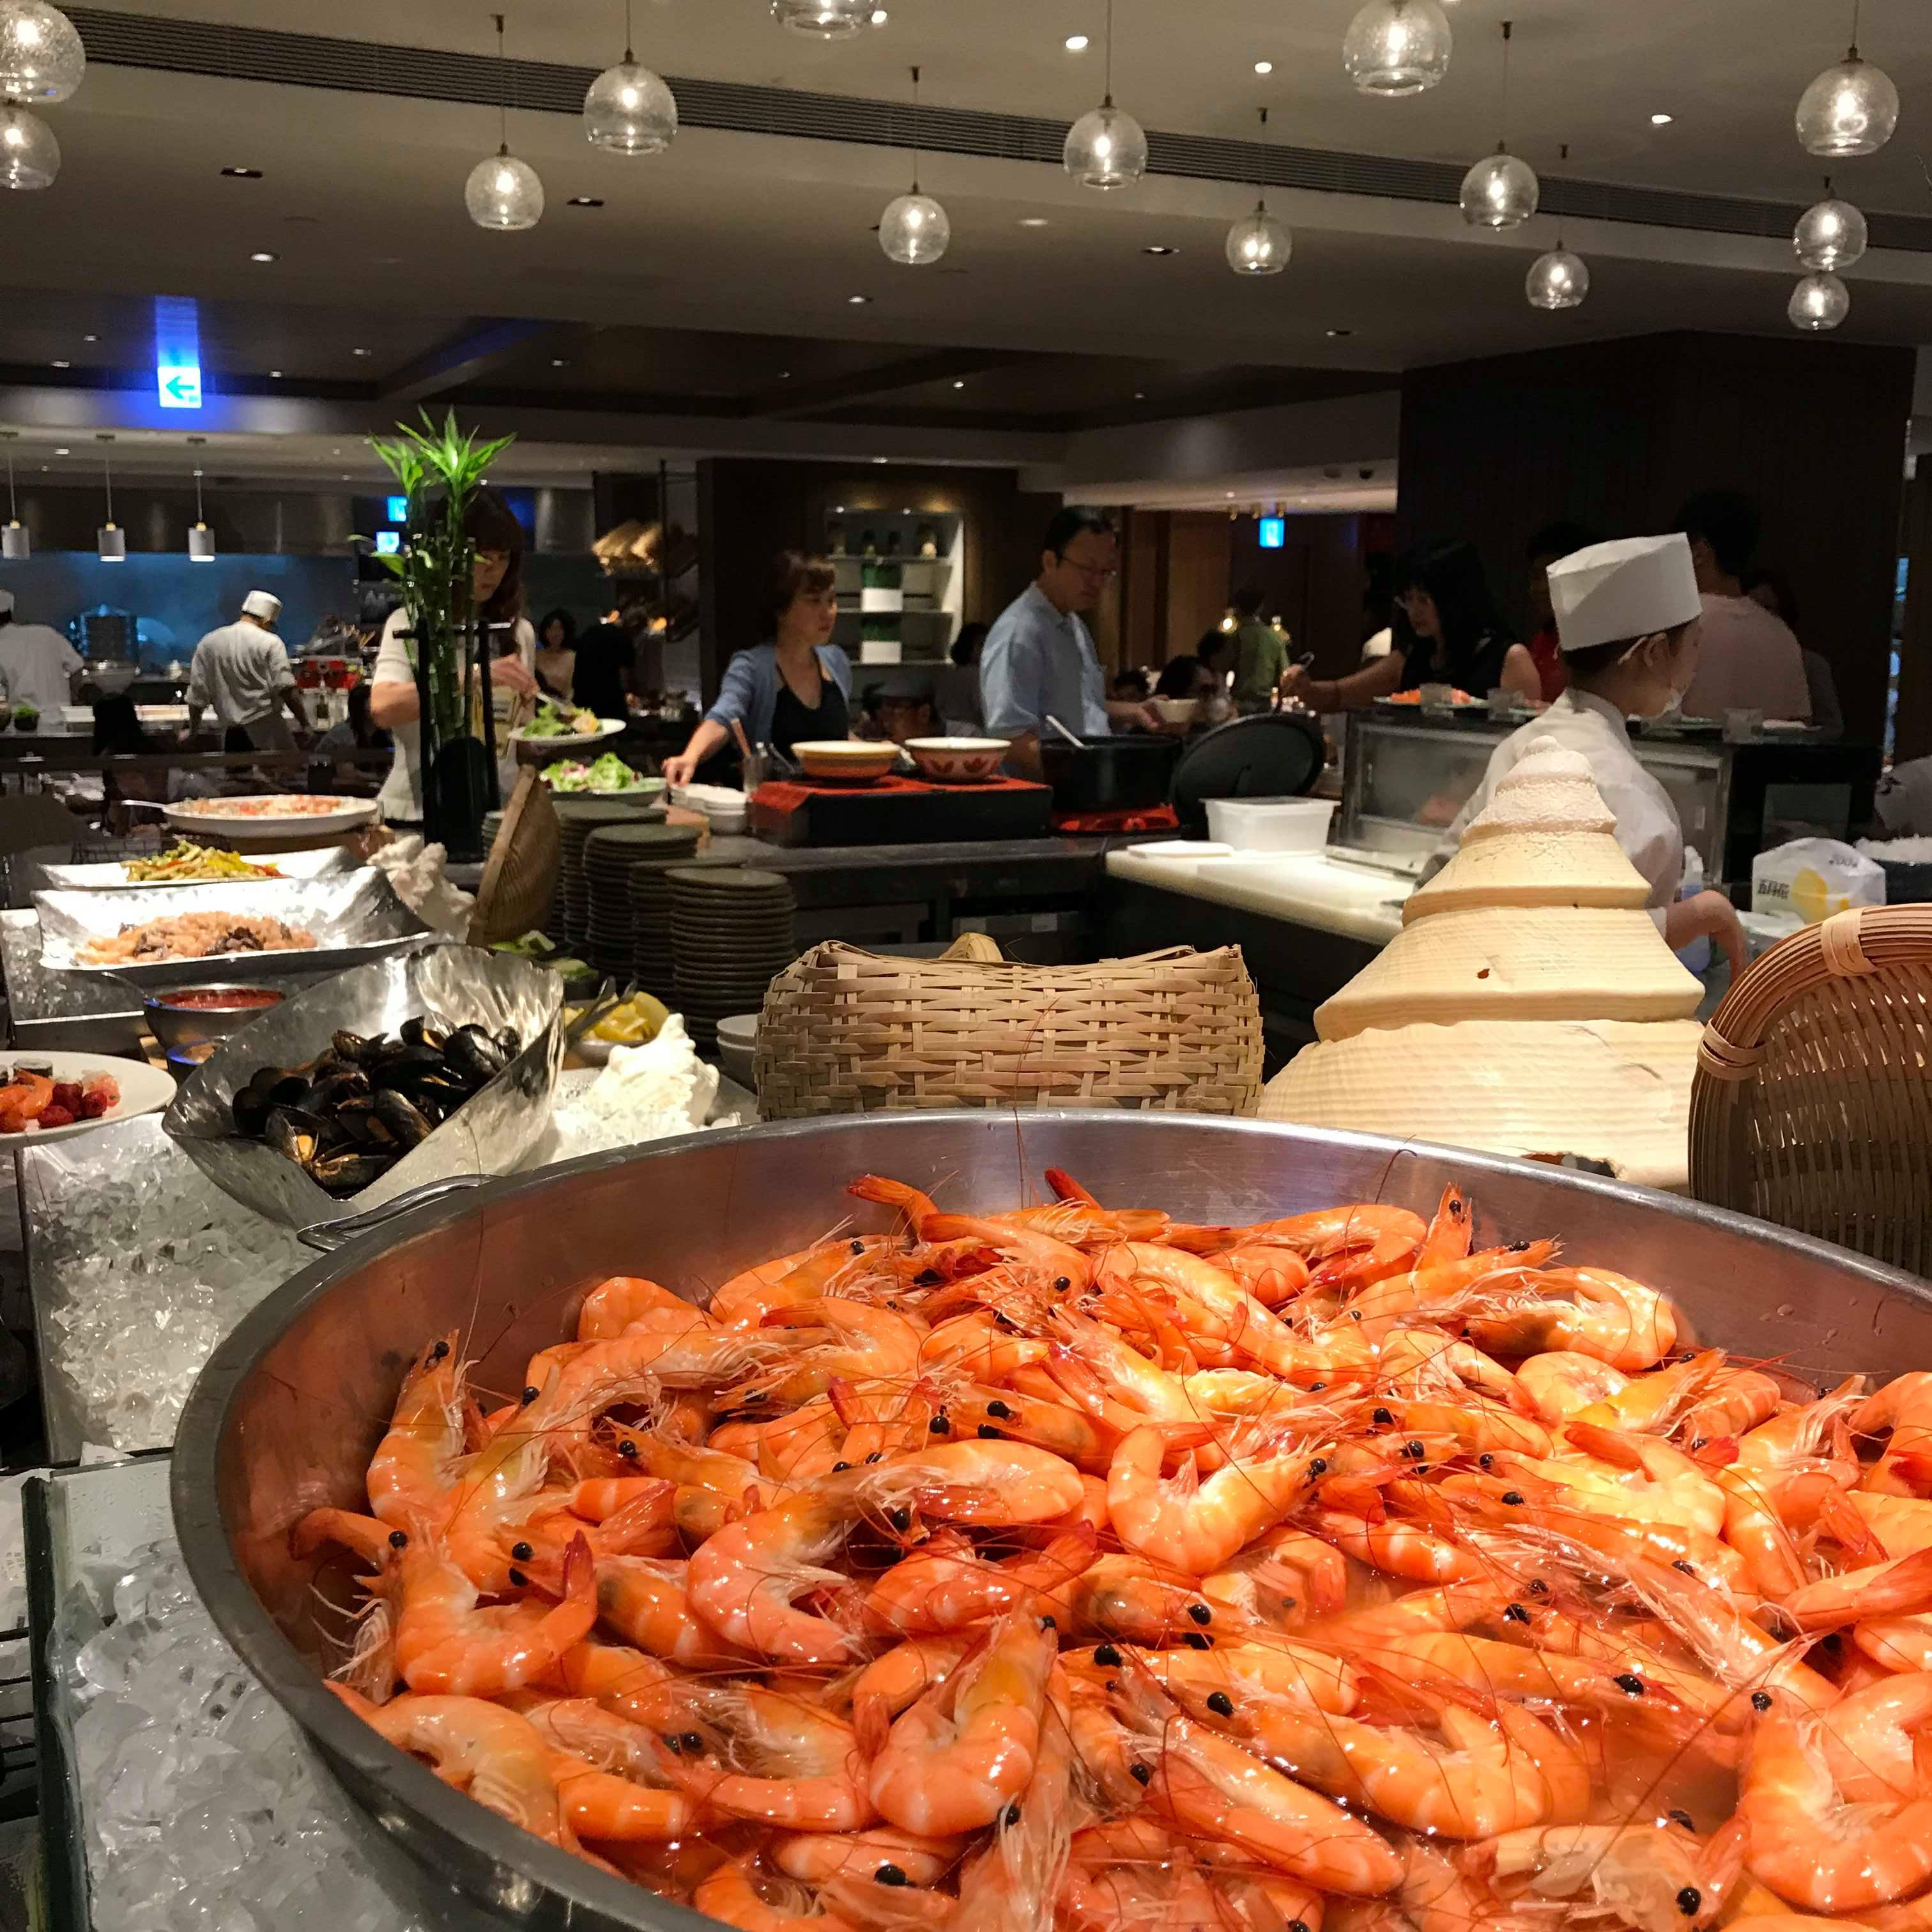 【食記】台北信義區|君悅飯店下午茶|凱菲屋buffet吃到飽|五星級自助餐|生魚片很新鮮